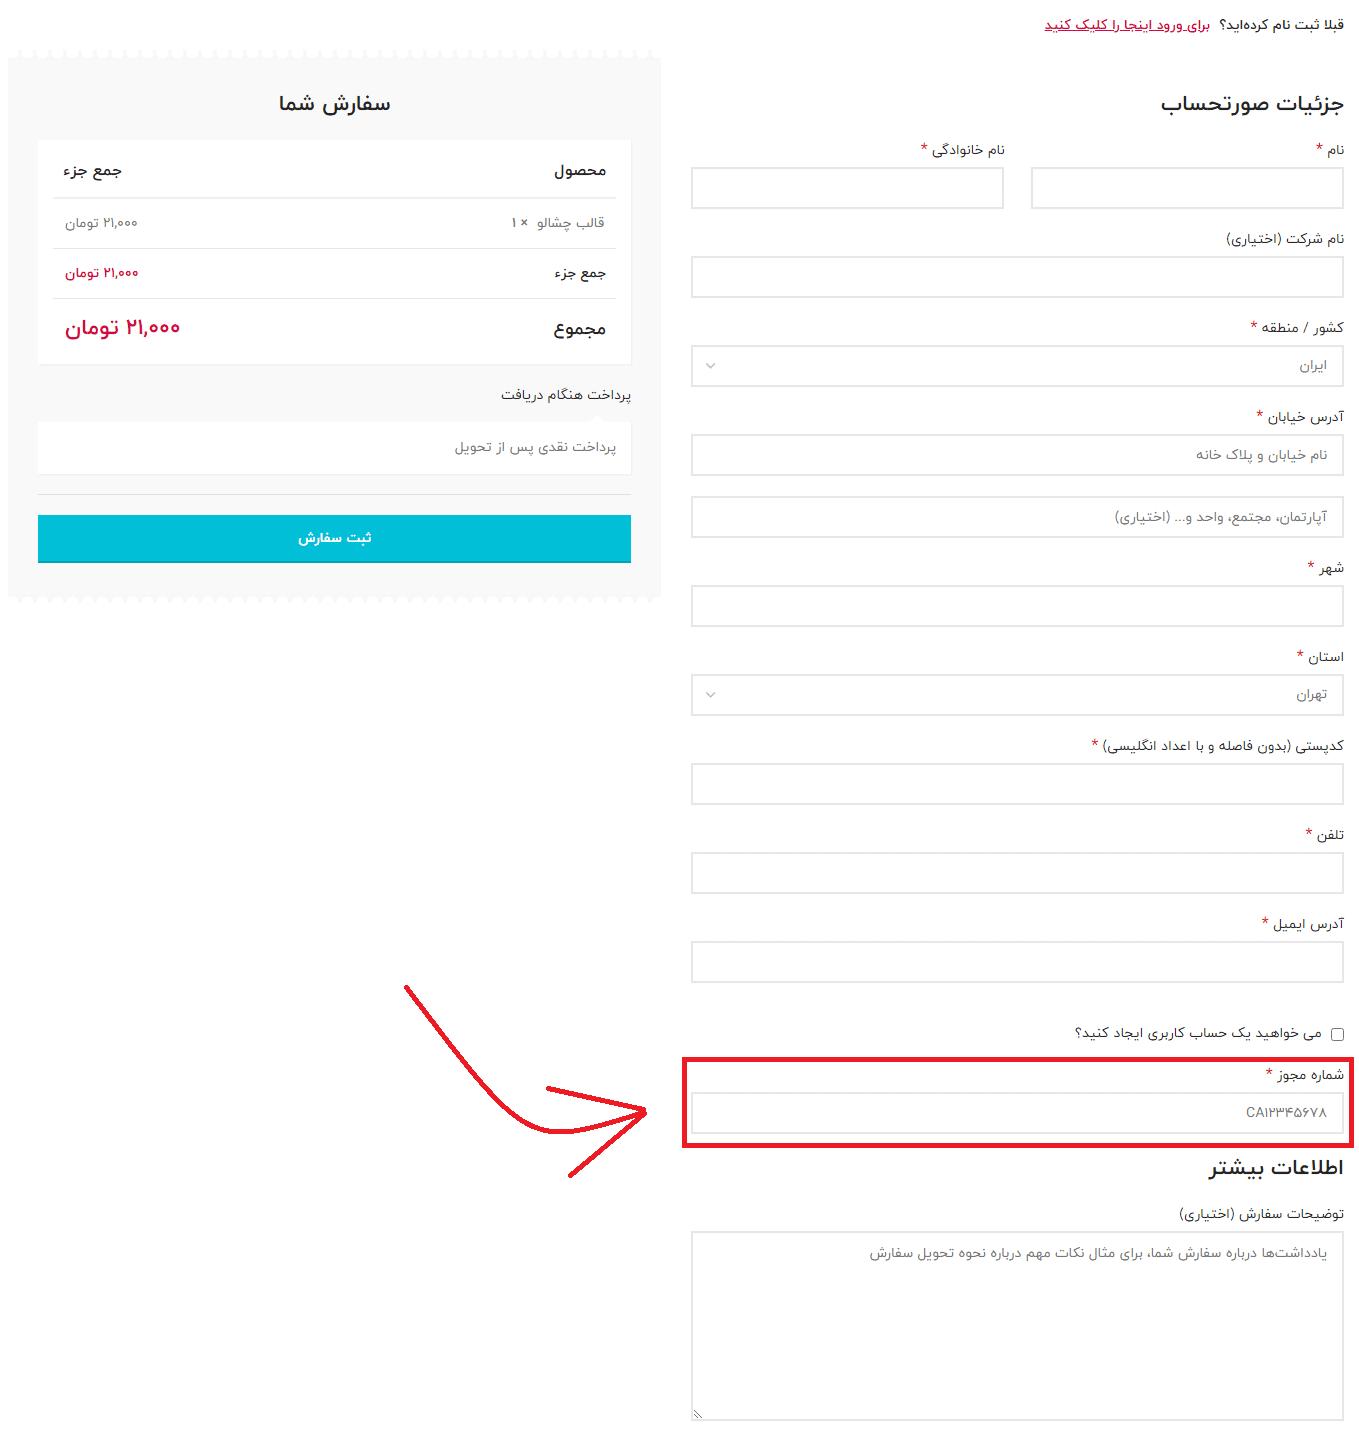 افزودن فیلد سفارشی به صفحه پرداخت ووکامرس